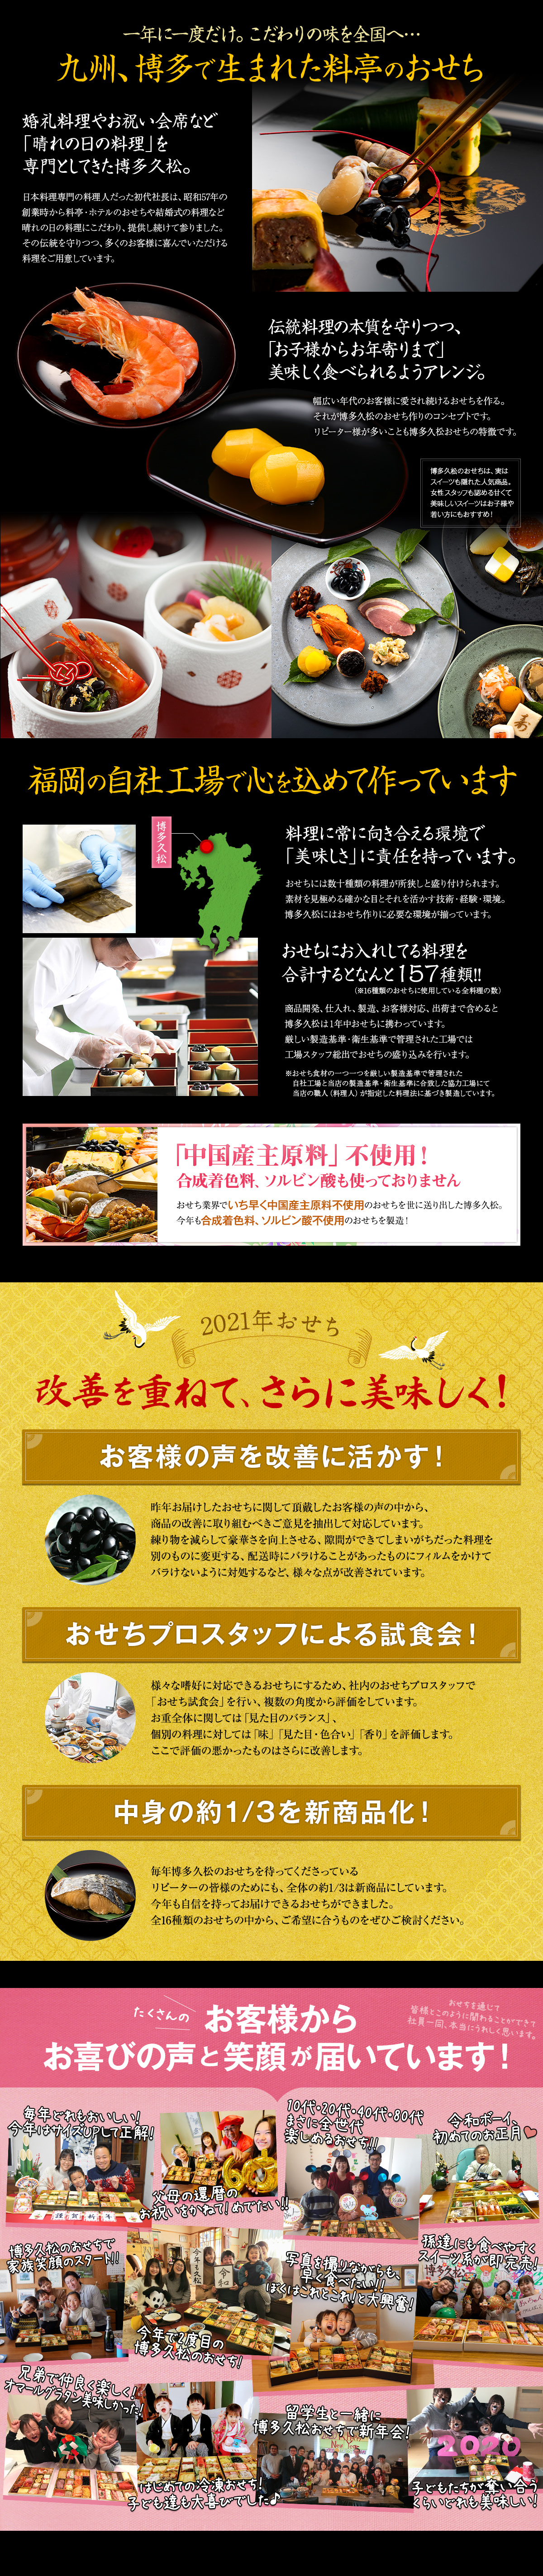 九州、博多で生まれた料亭のおせち。福岡の自社工場で心を込めて作っています